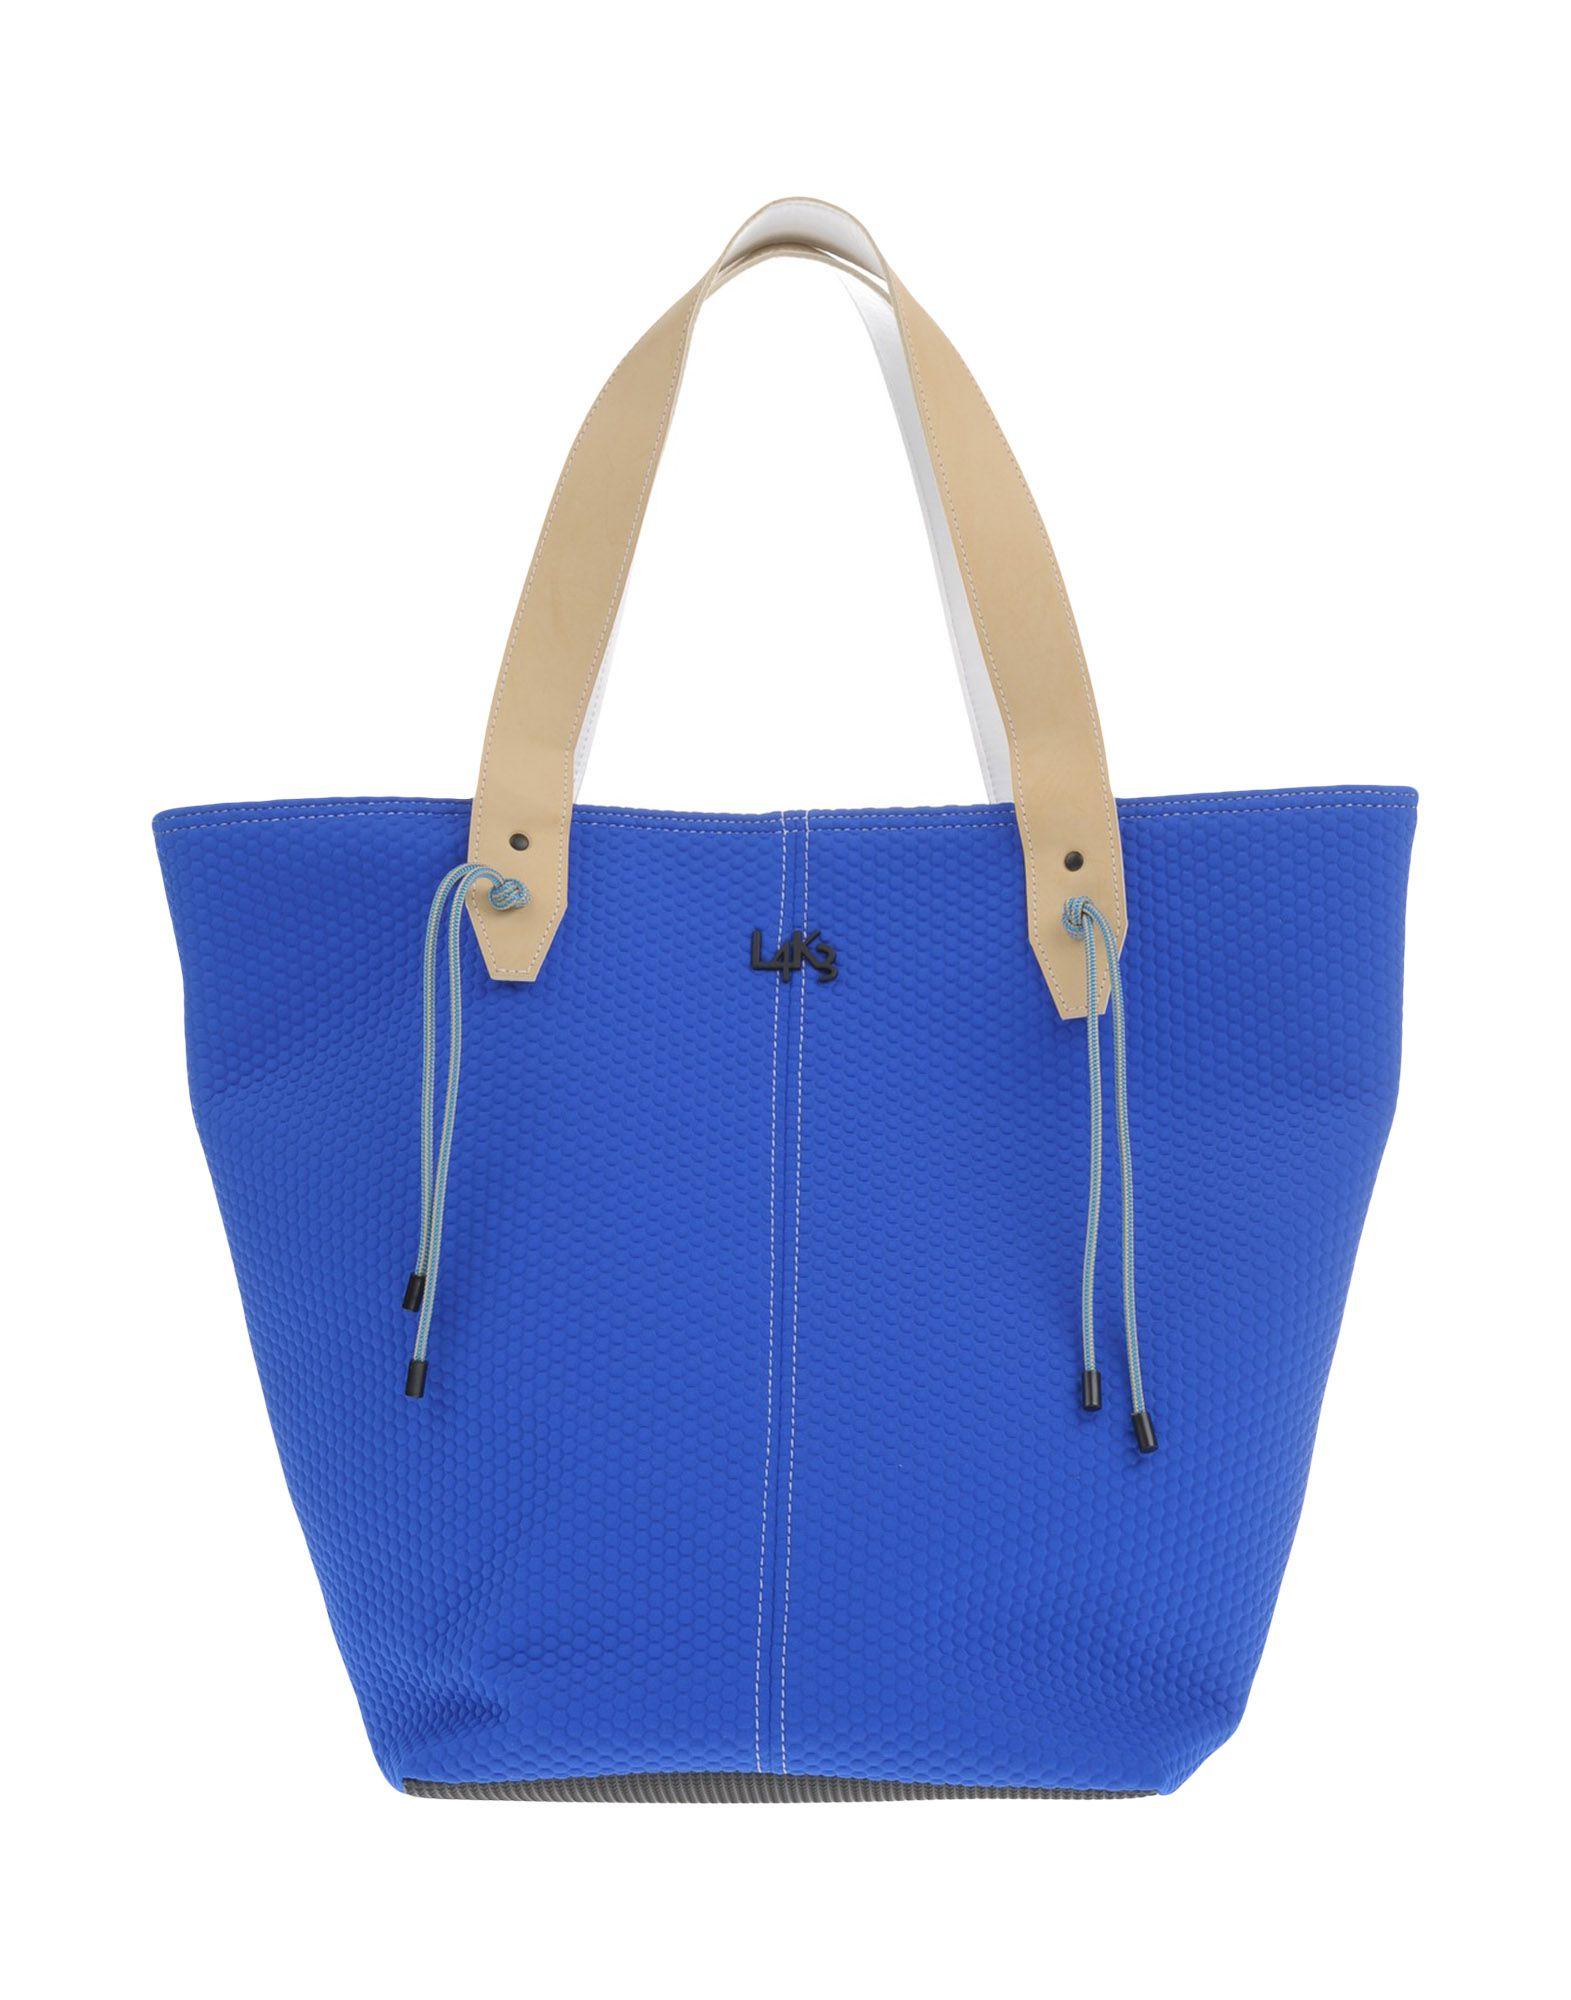 《送料無料》L4K3 レディース ハンドバッグ ブライトブルー 紡績繊維